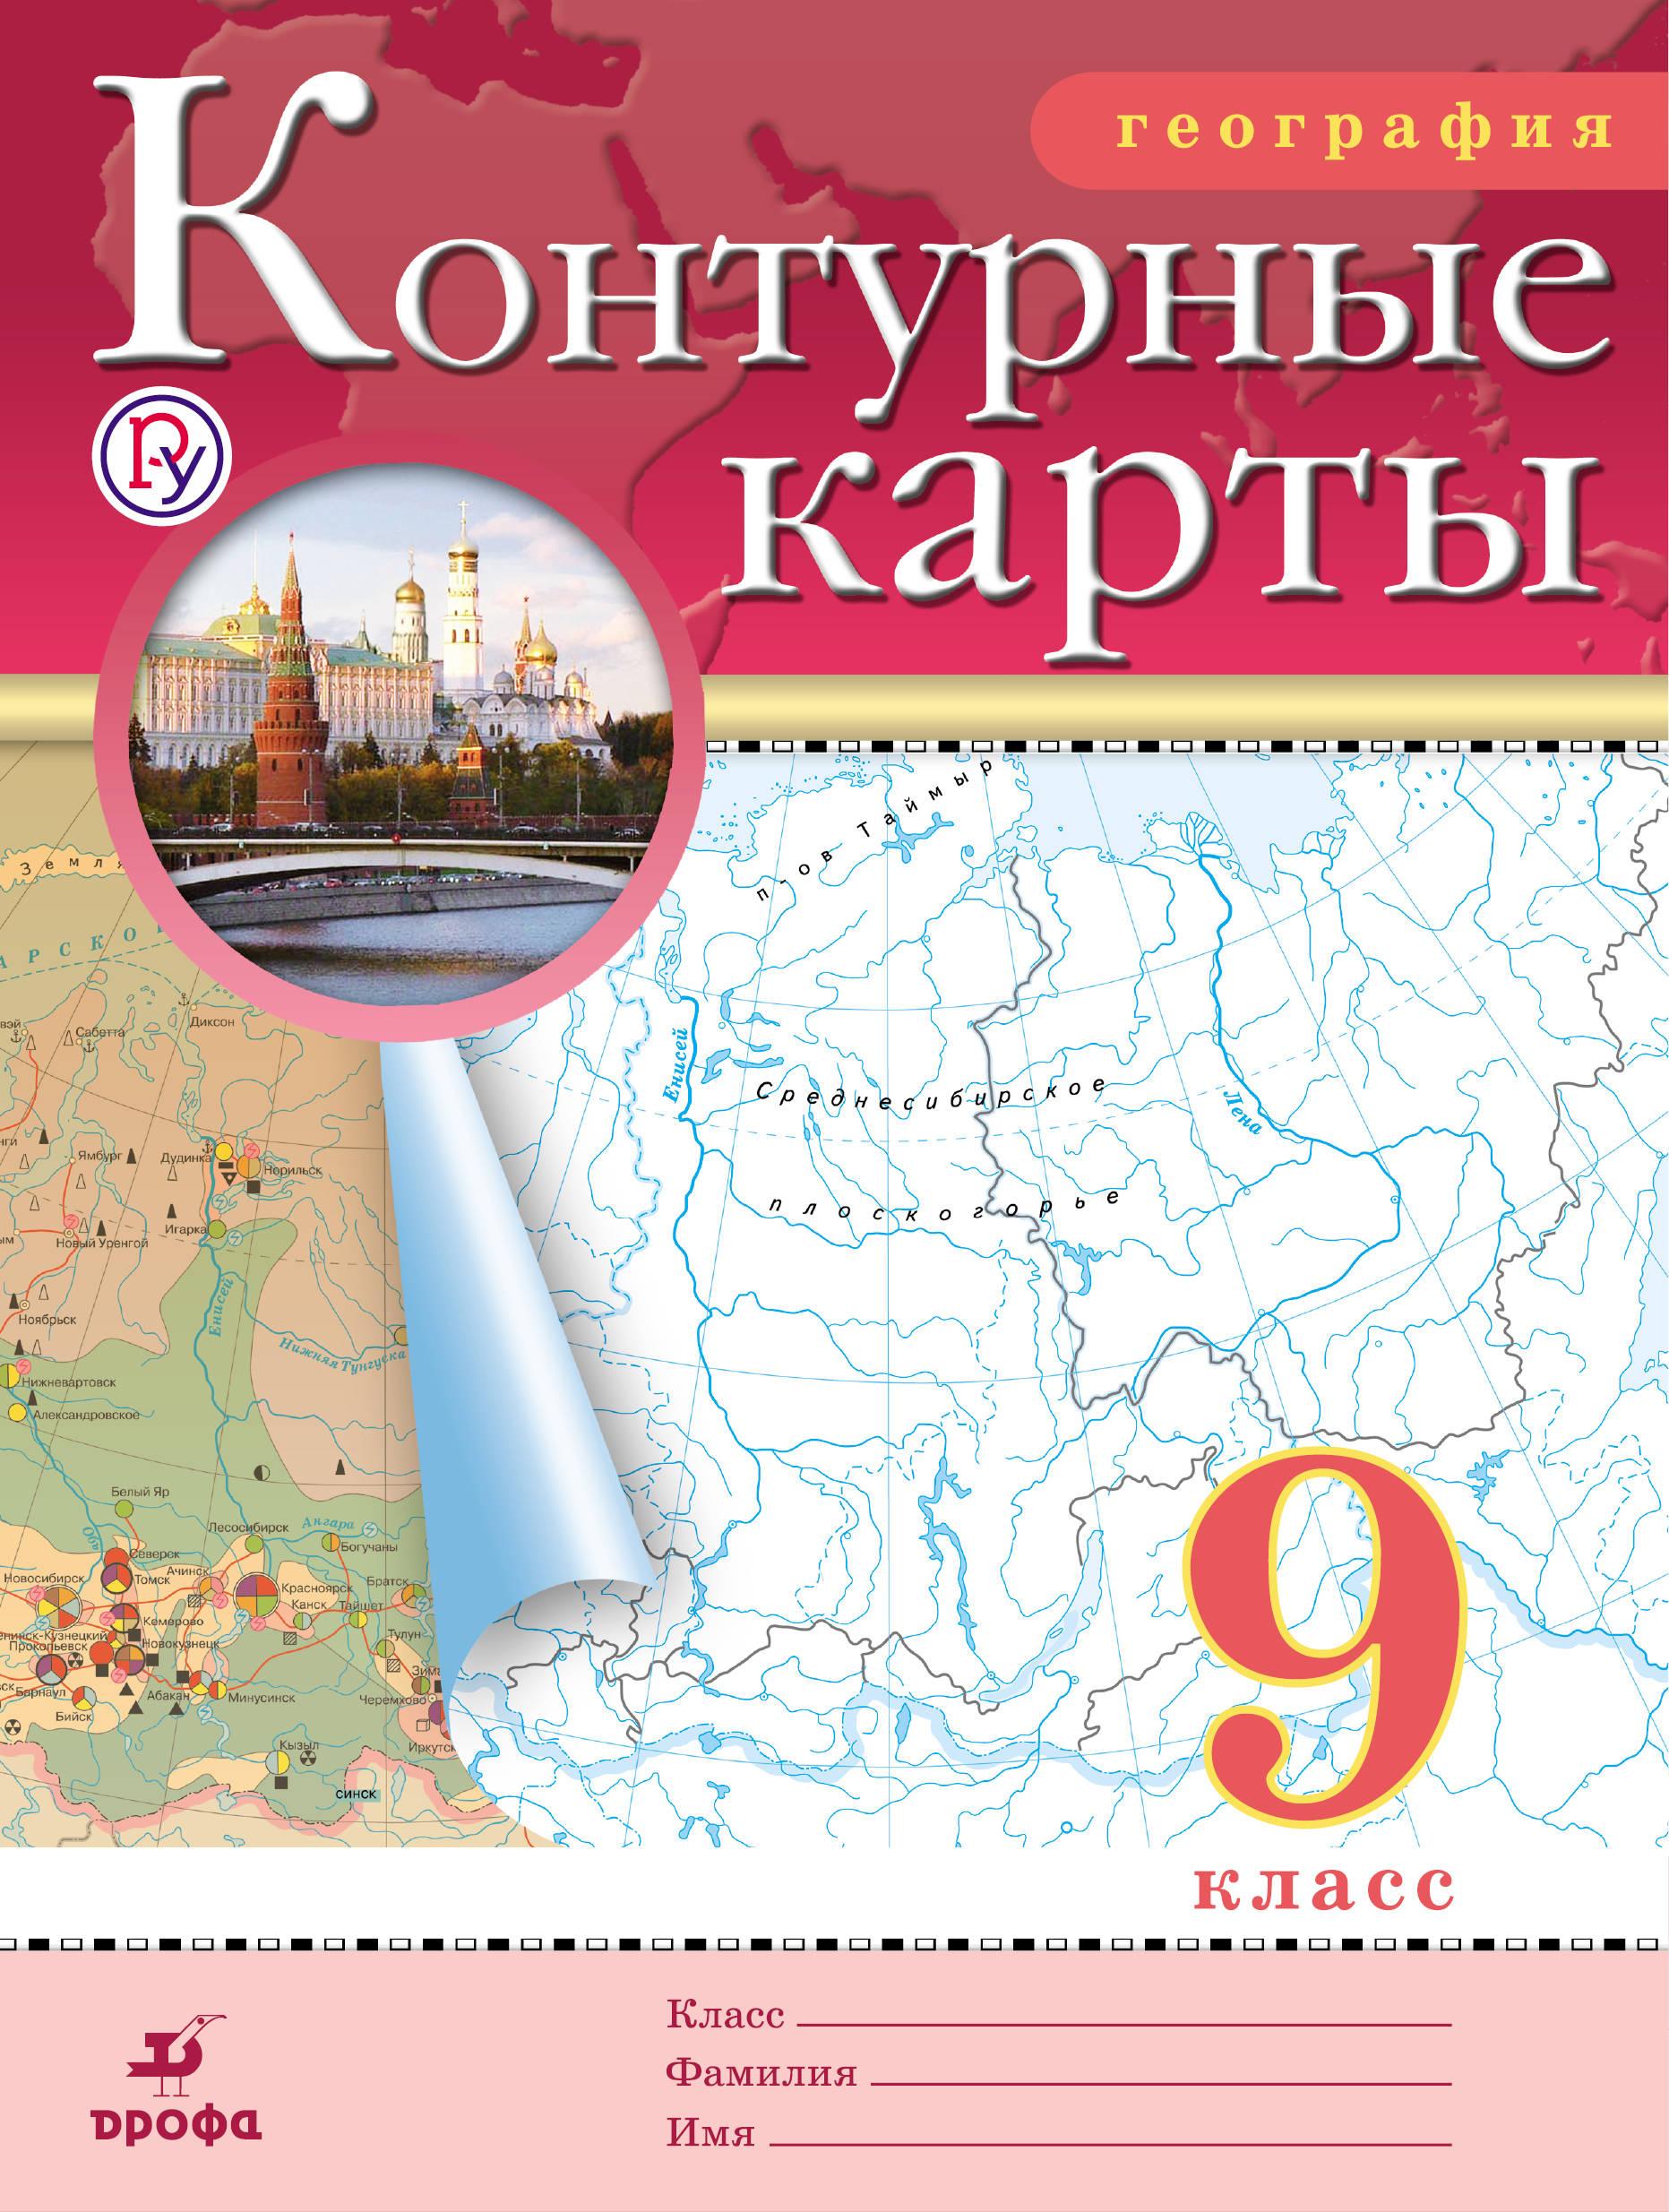 Контурные карты 9 класс издательство дик и дрофа d ktrnhjyyjv dfhbfynt